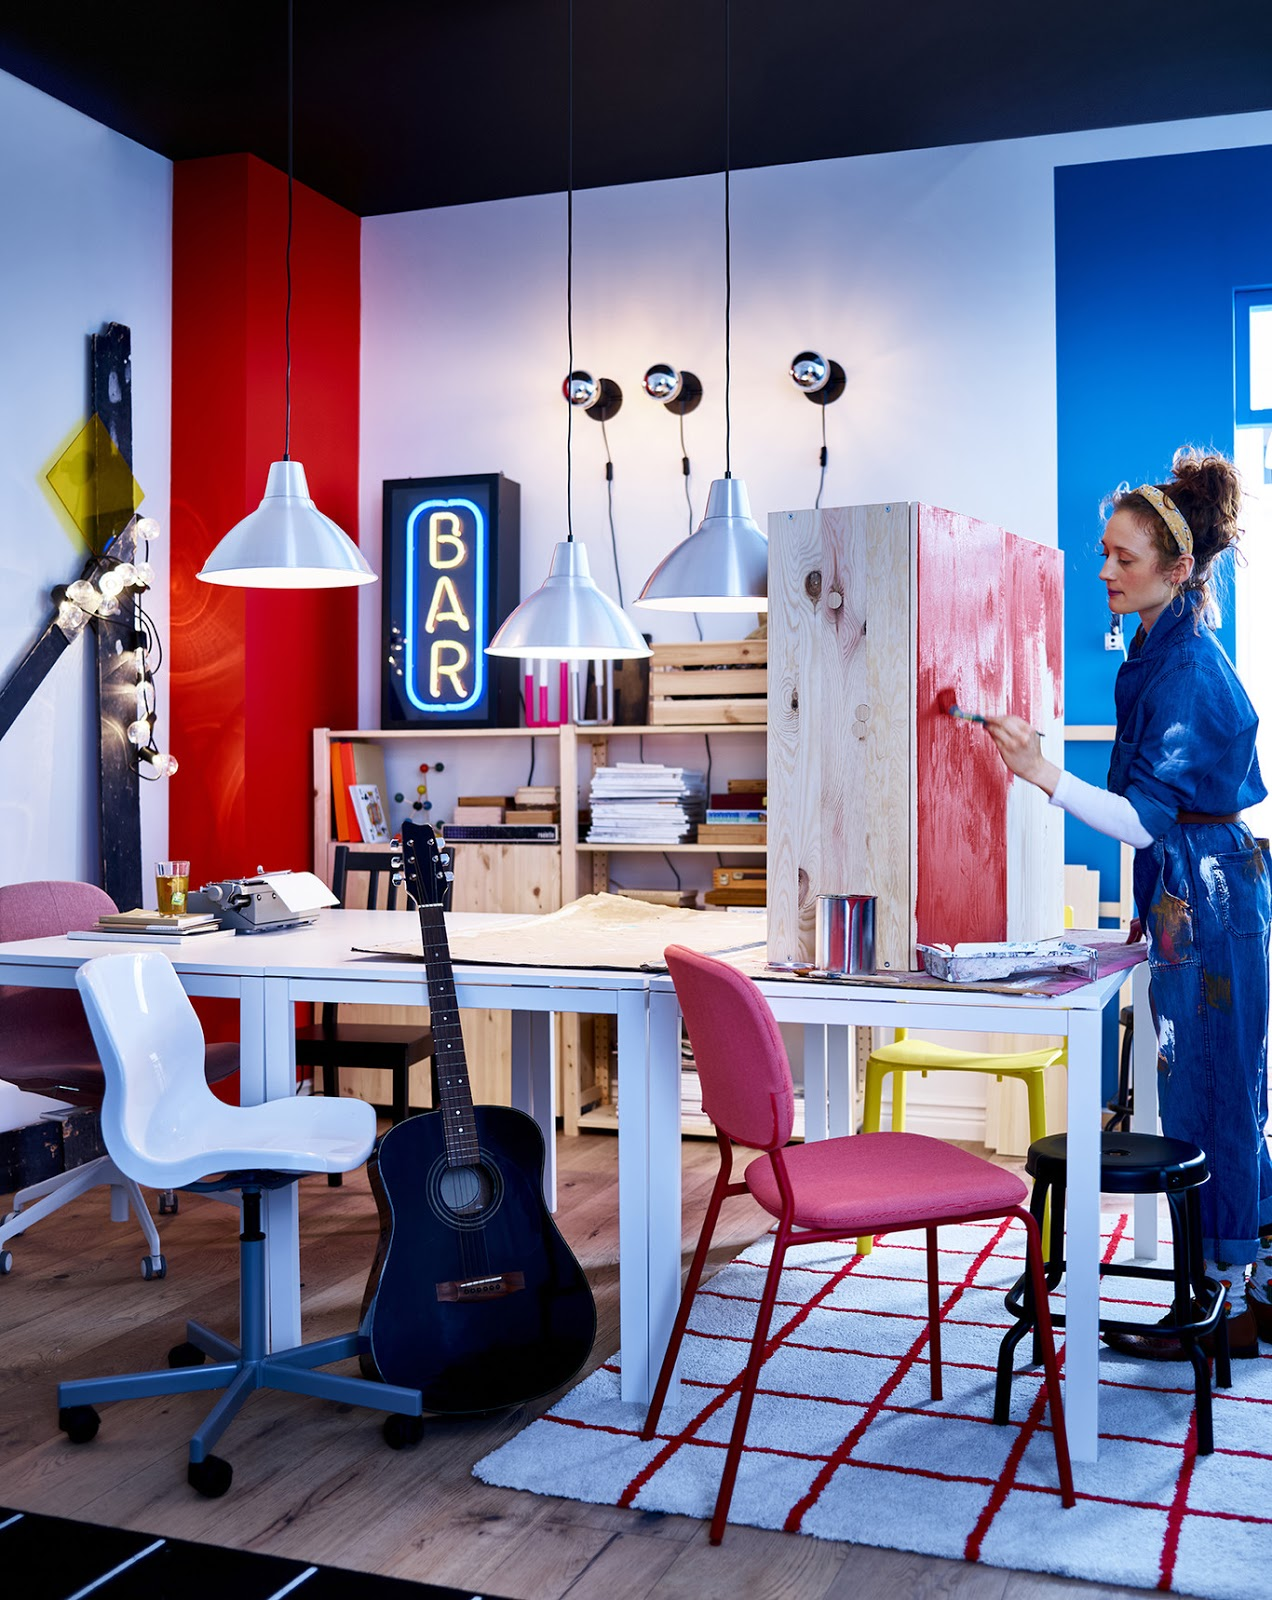 novedad catálogo ikea comedor mesa madera con lámpara metal blanca piso compartido creativo